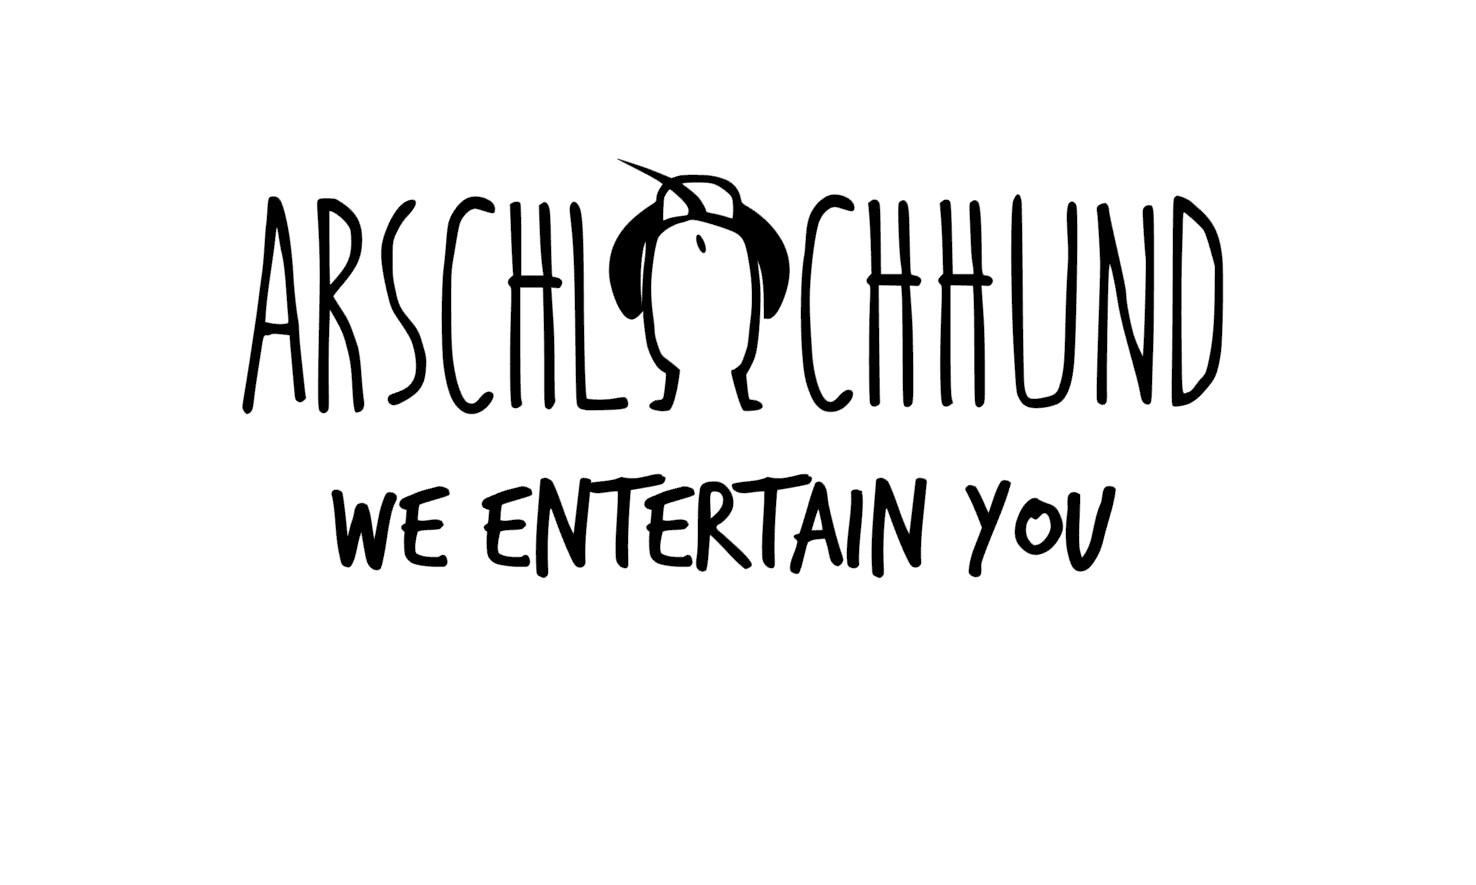 we entertain you